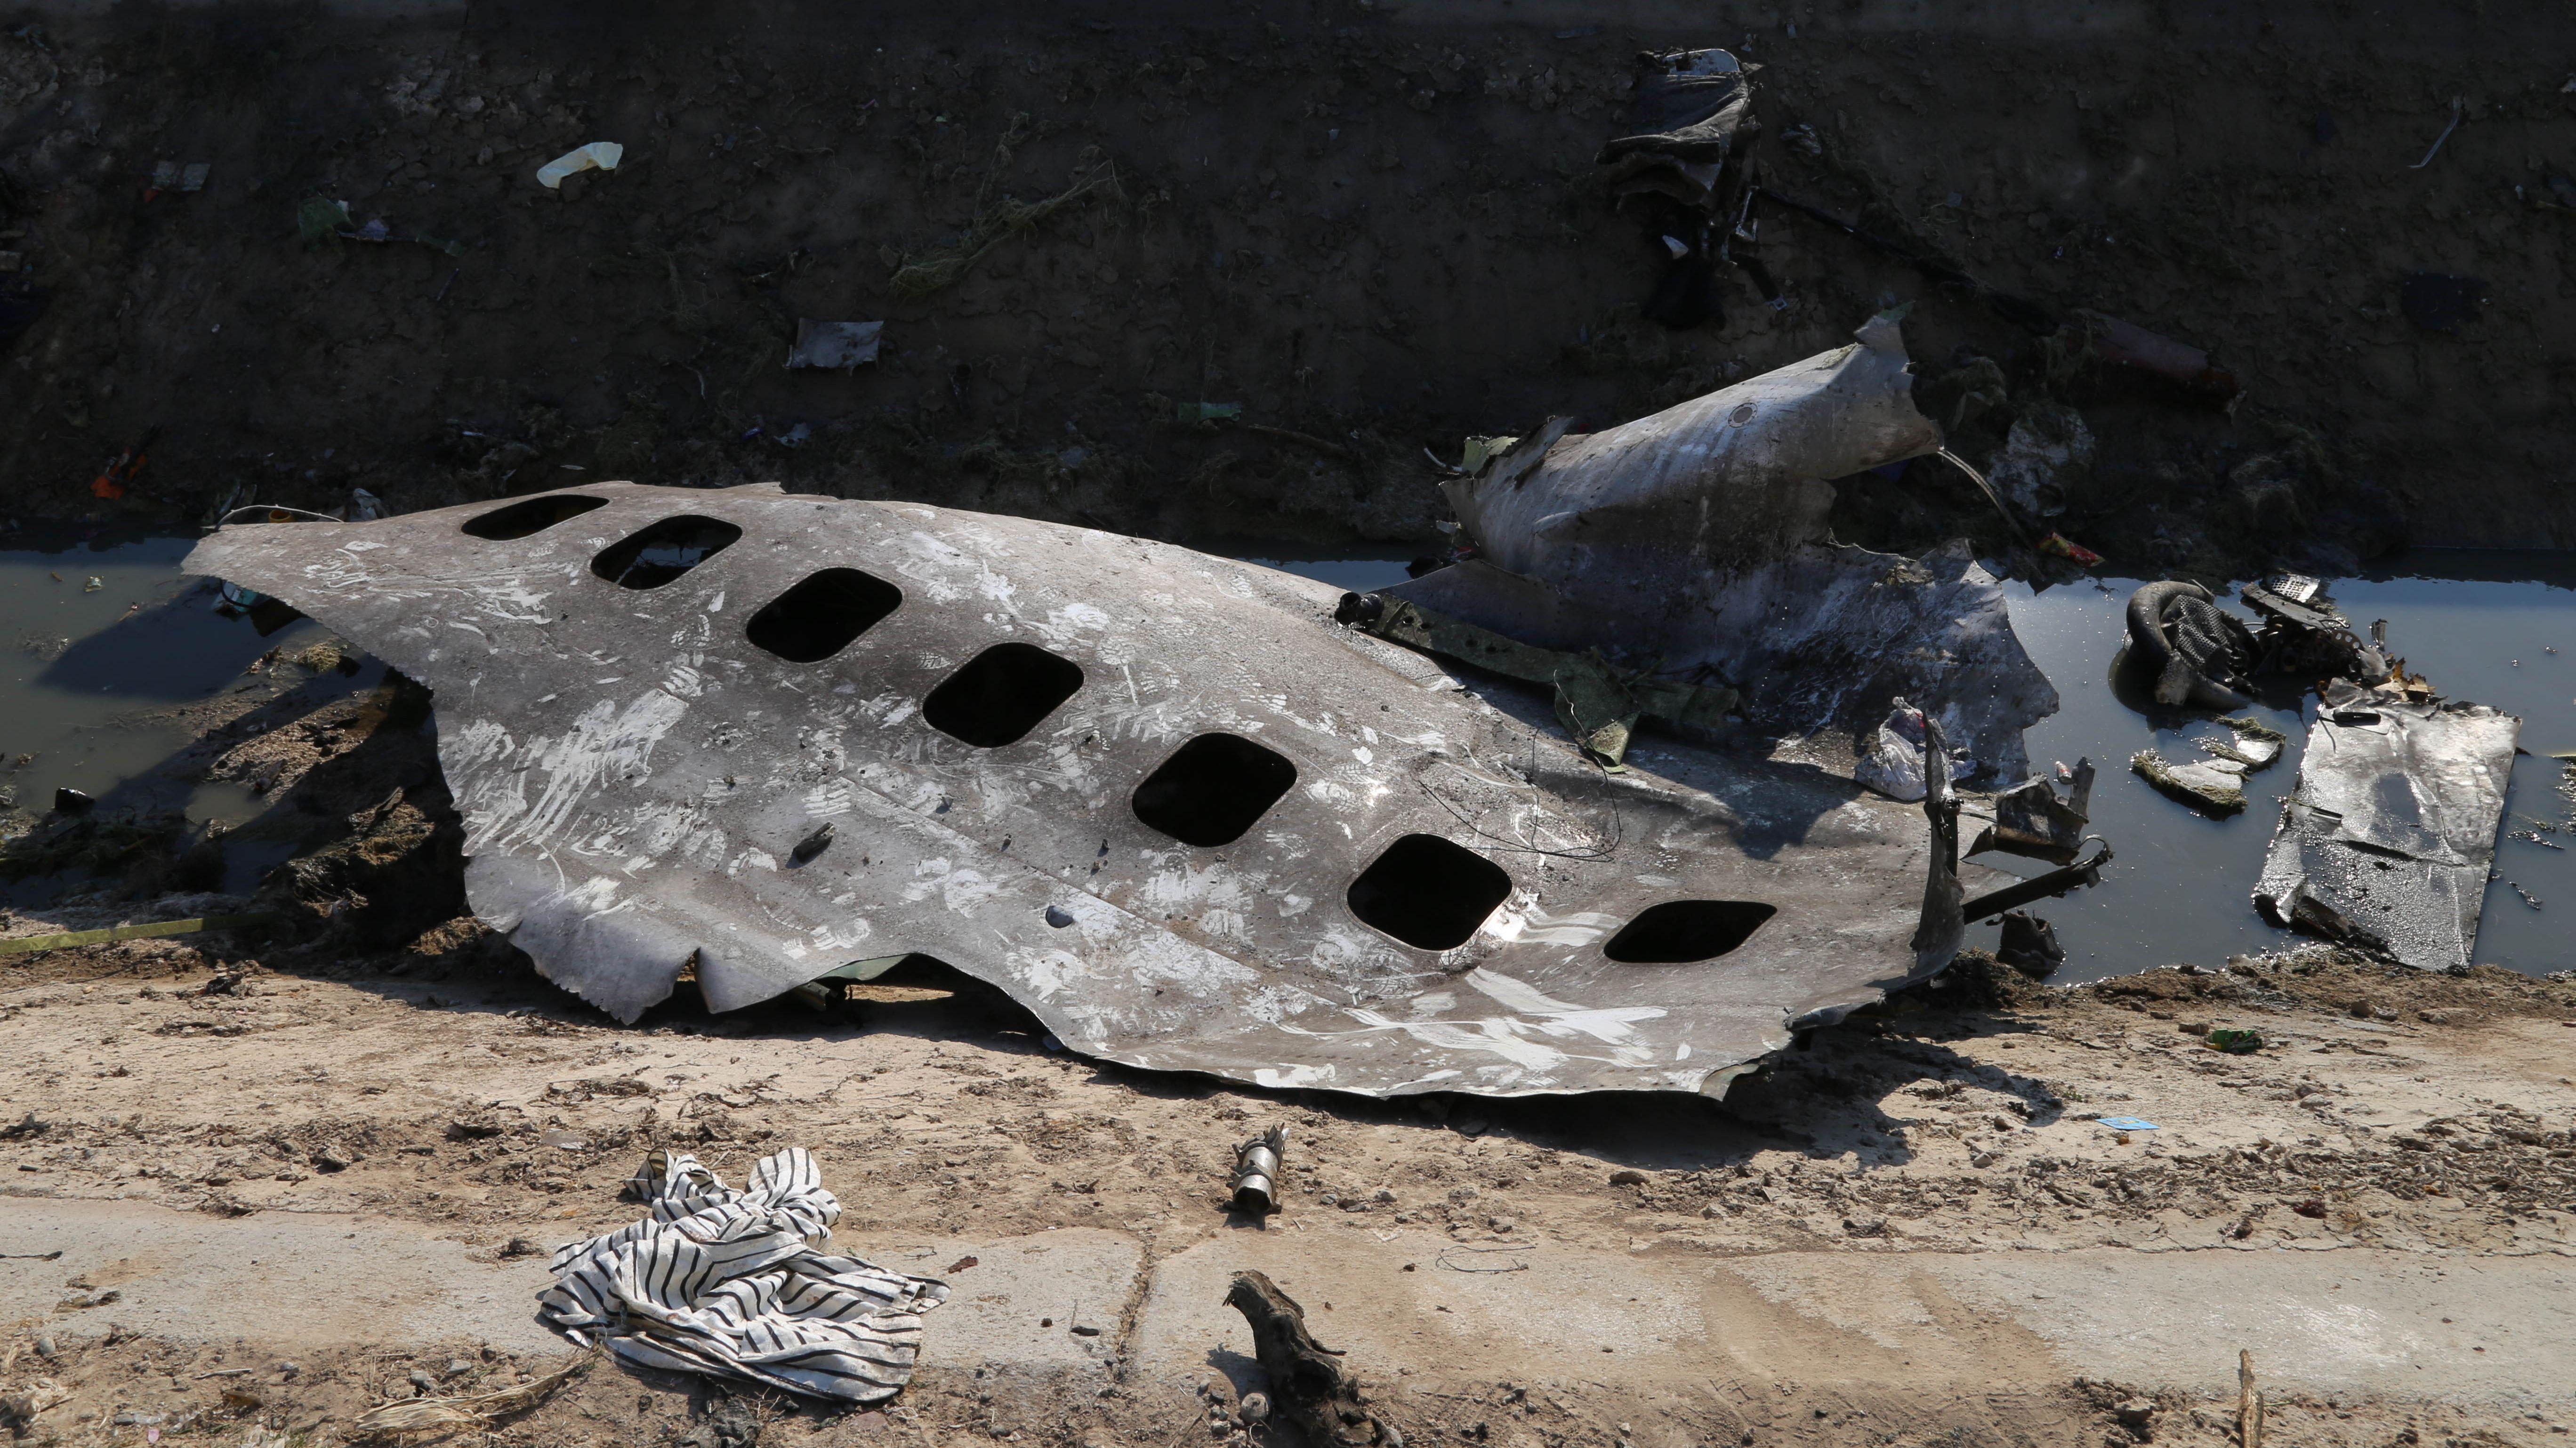 Teile der versehentlich bei Teheran abgeschossenen Boeing 737